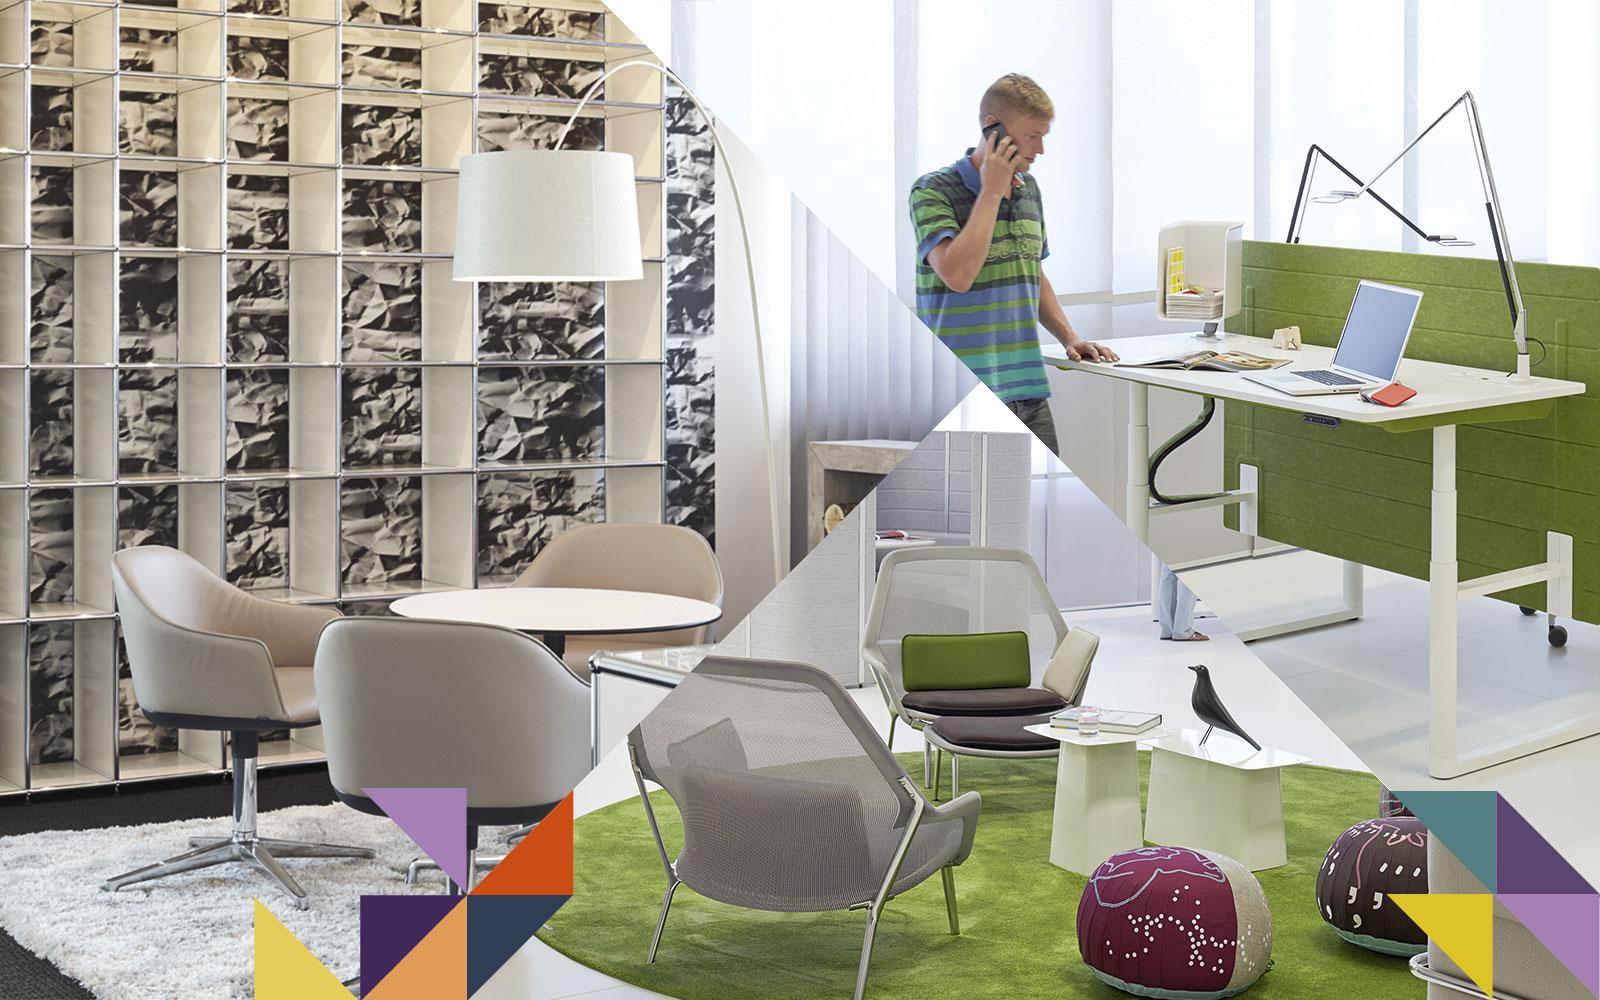 Räume Für Menschen Kahl Büroeinrichtungen Delta Im Quadrat